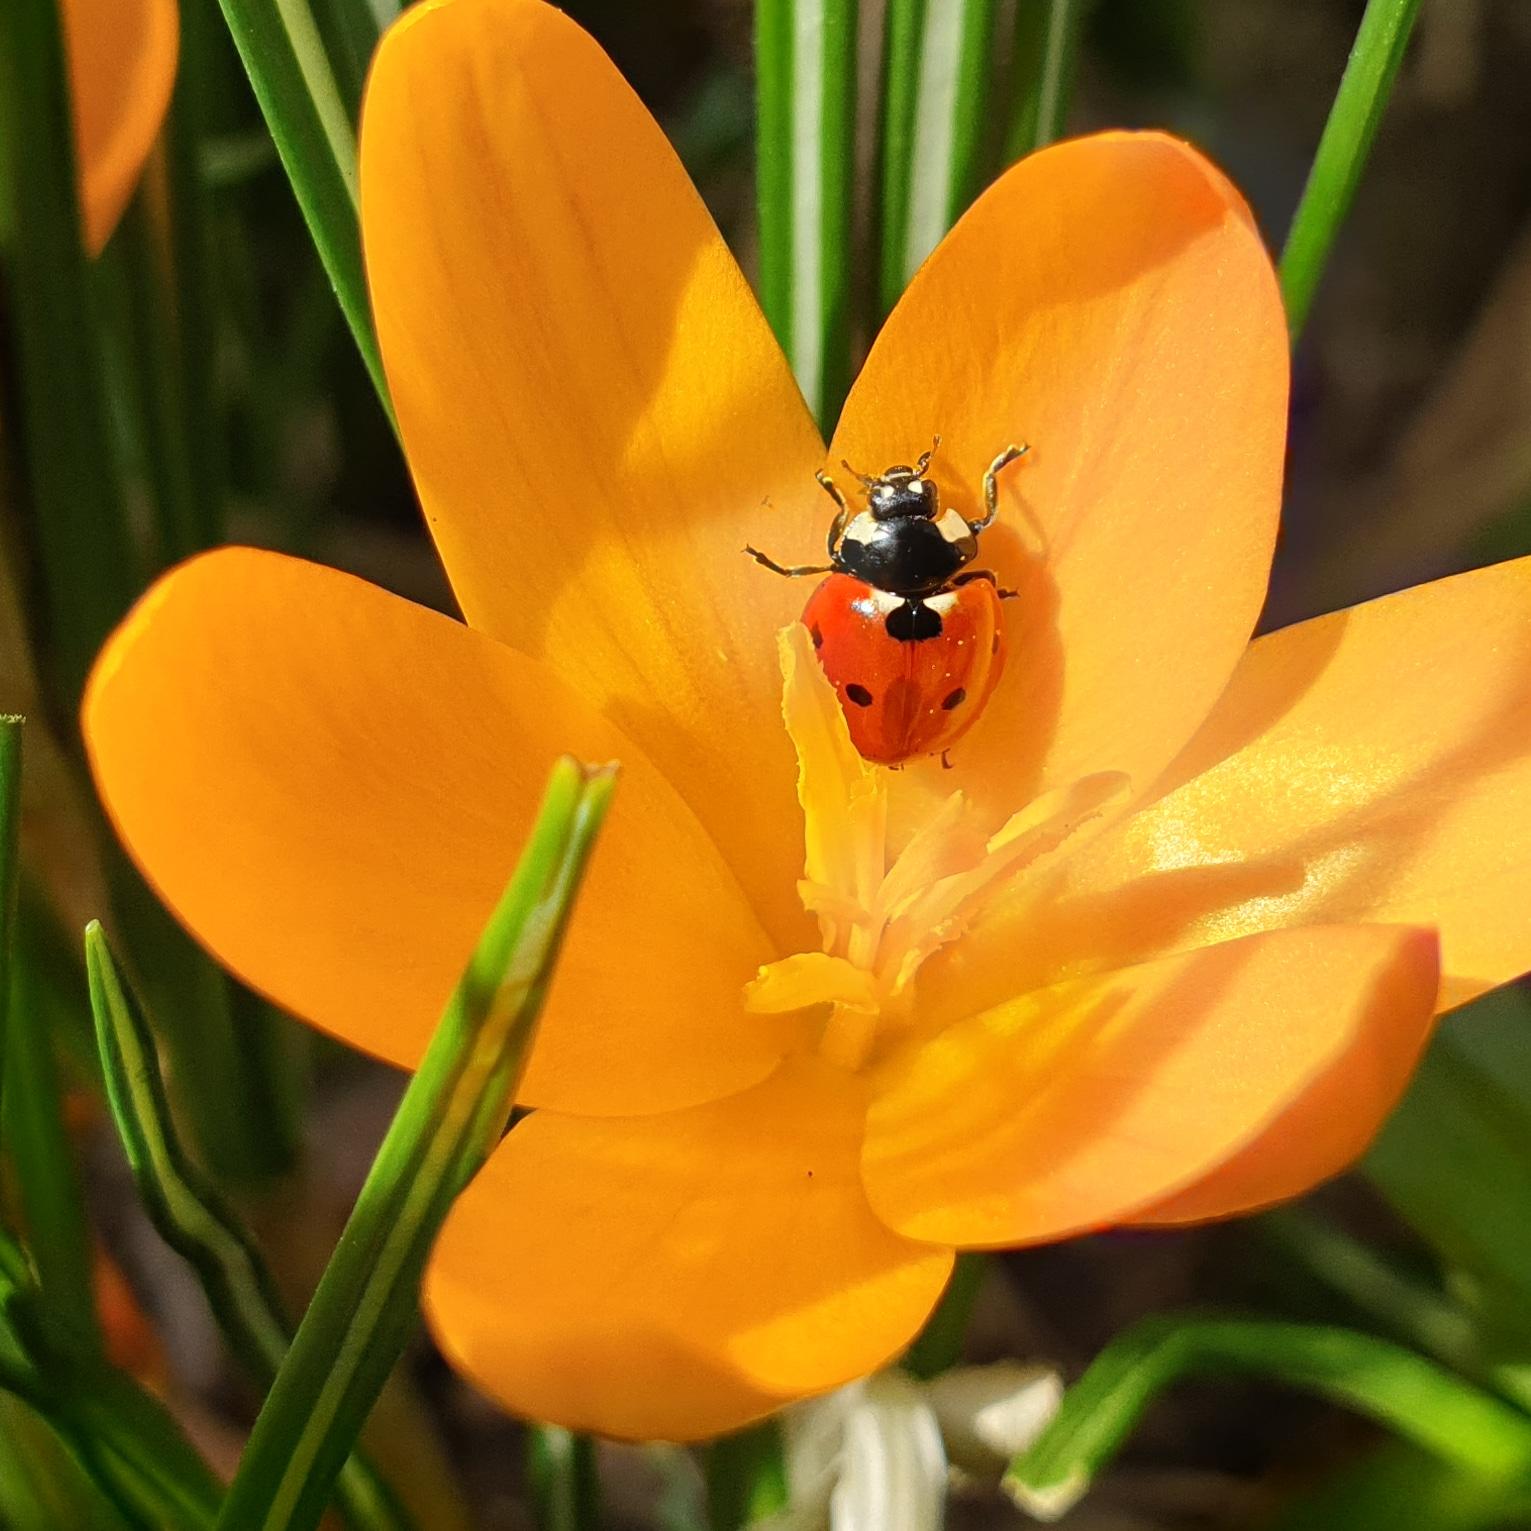 Marienkäfer auf gelbem Krokus im Garten im Frühjahr.